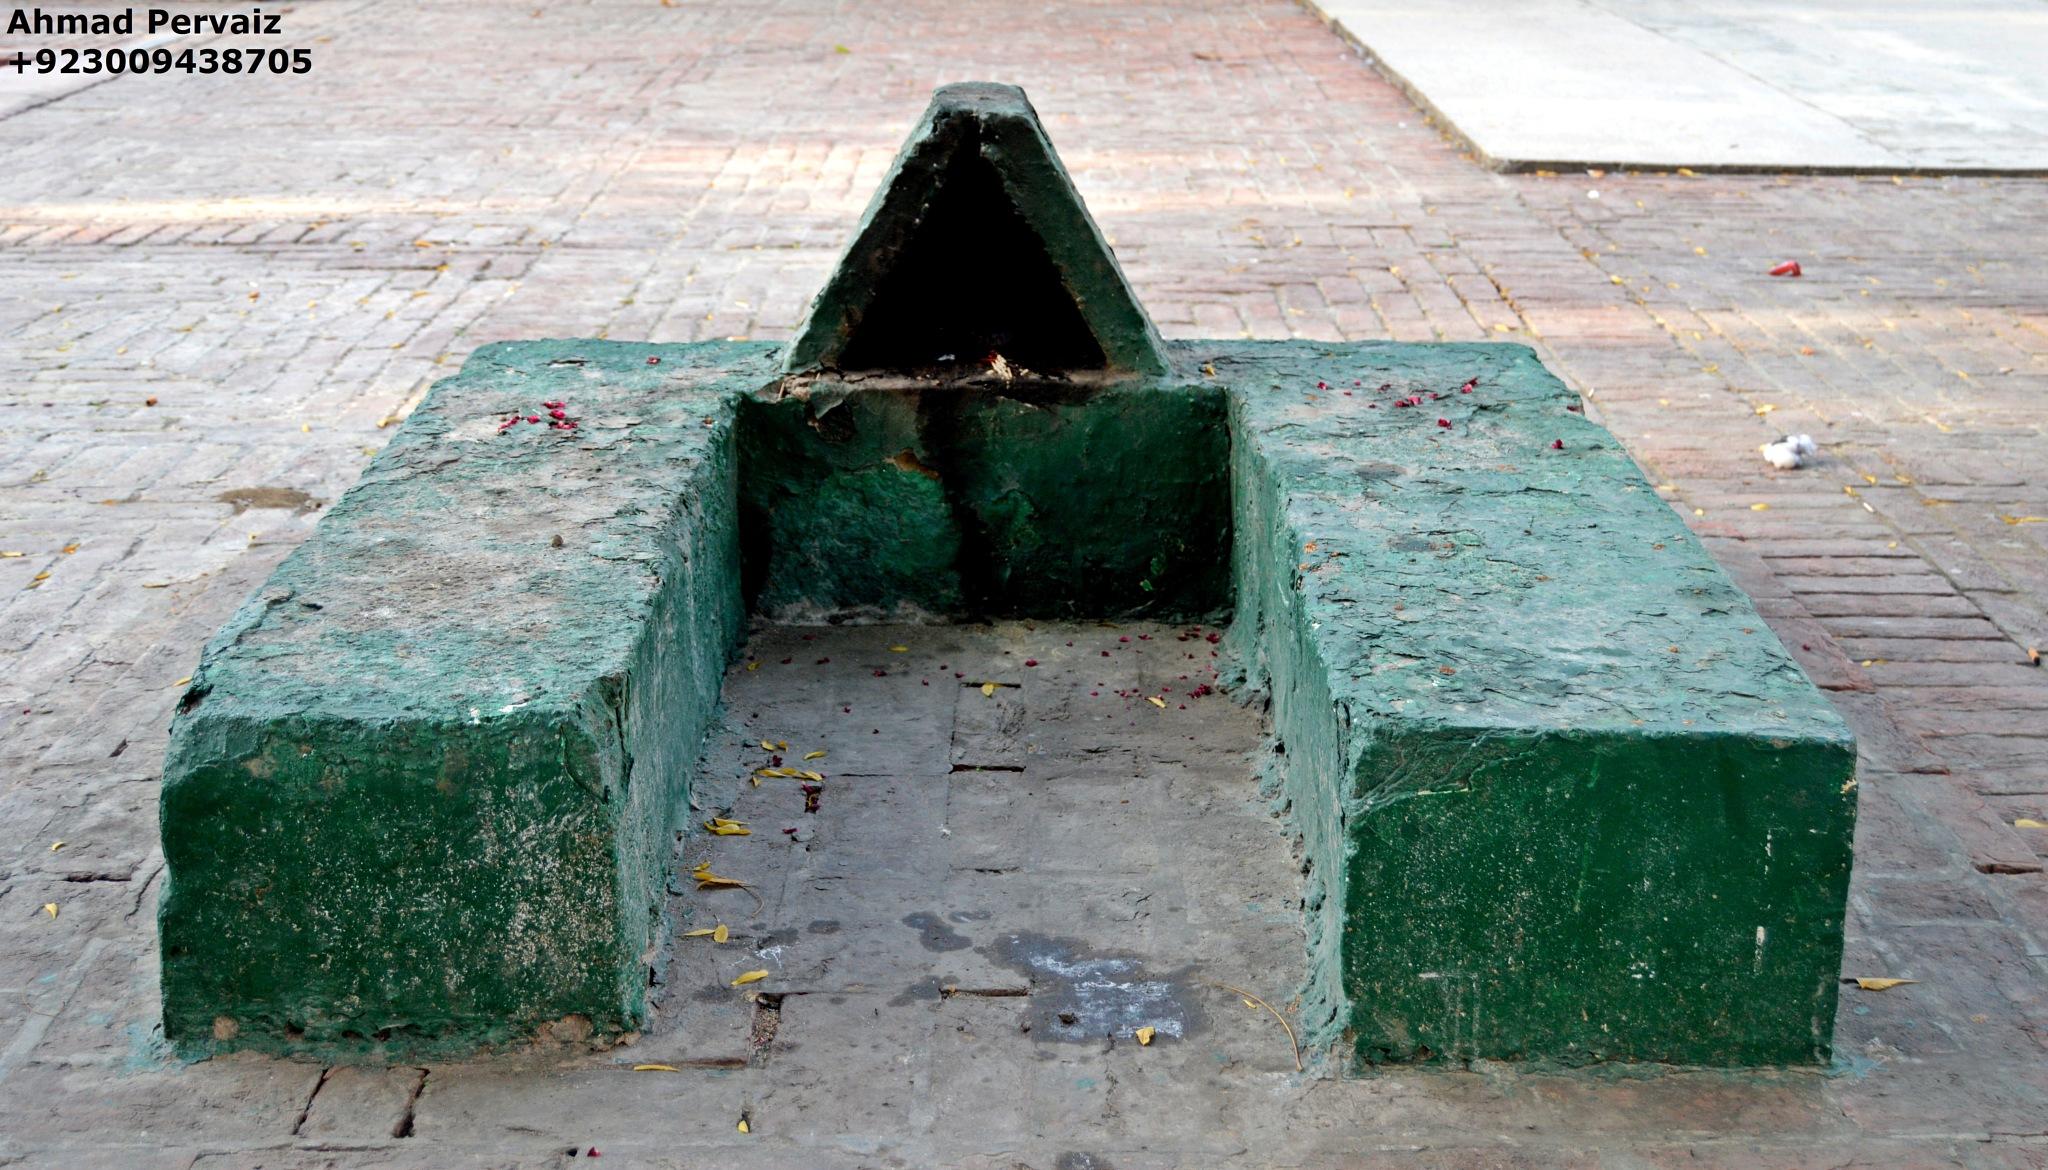 An Unusual Tomb - Mian Mir Series  by pervaiz_jiu-jitsu